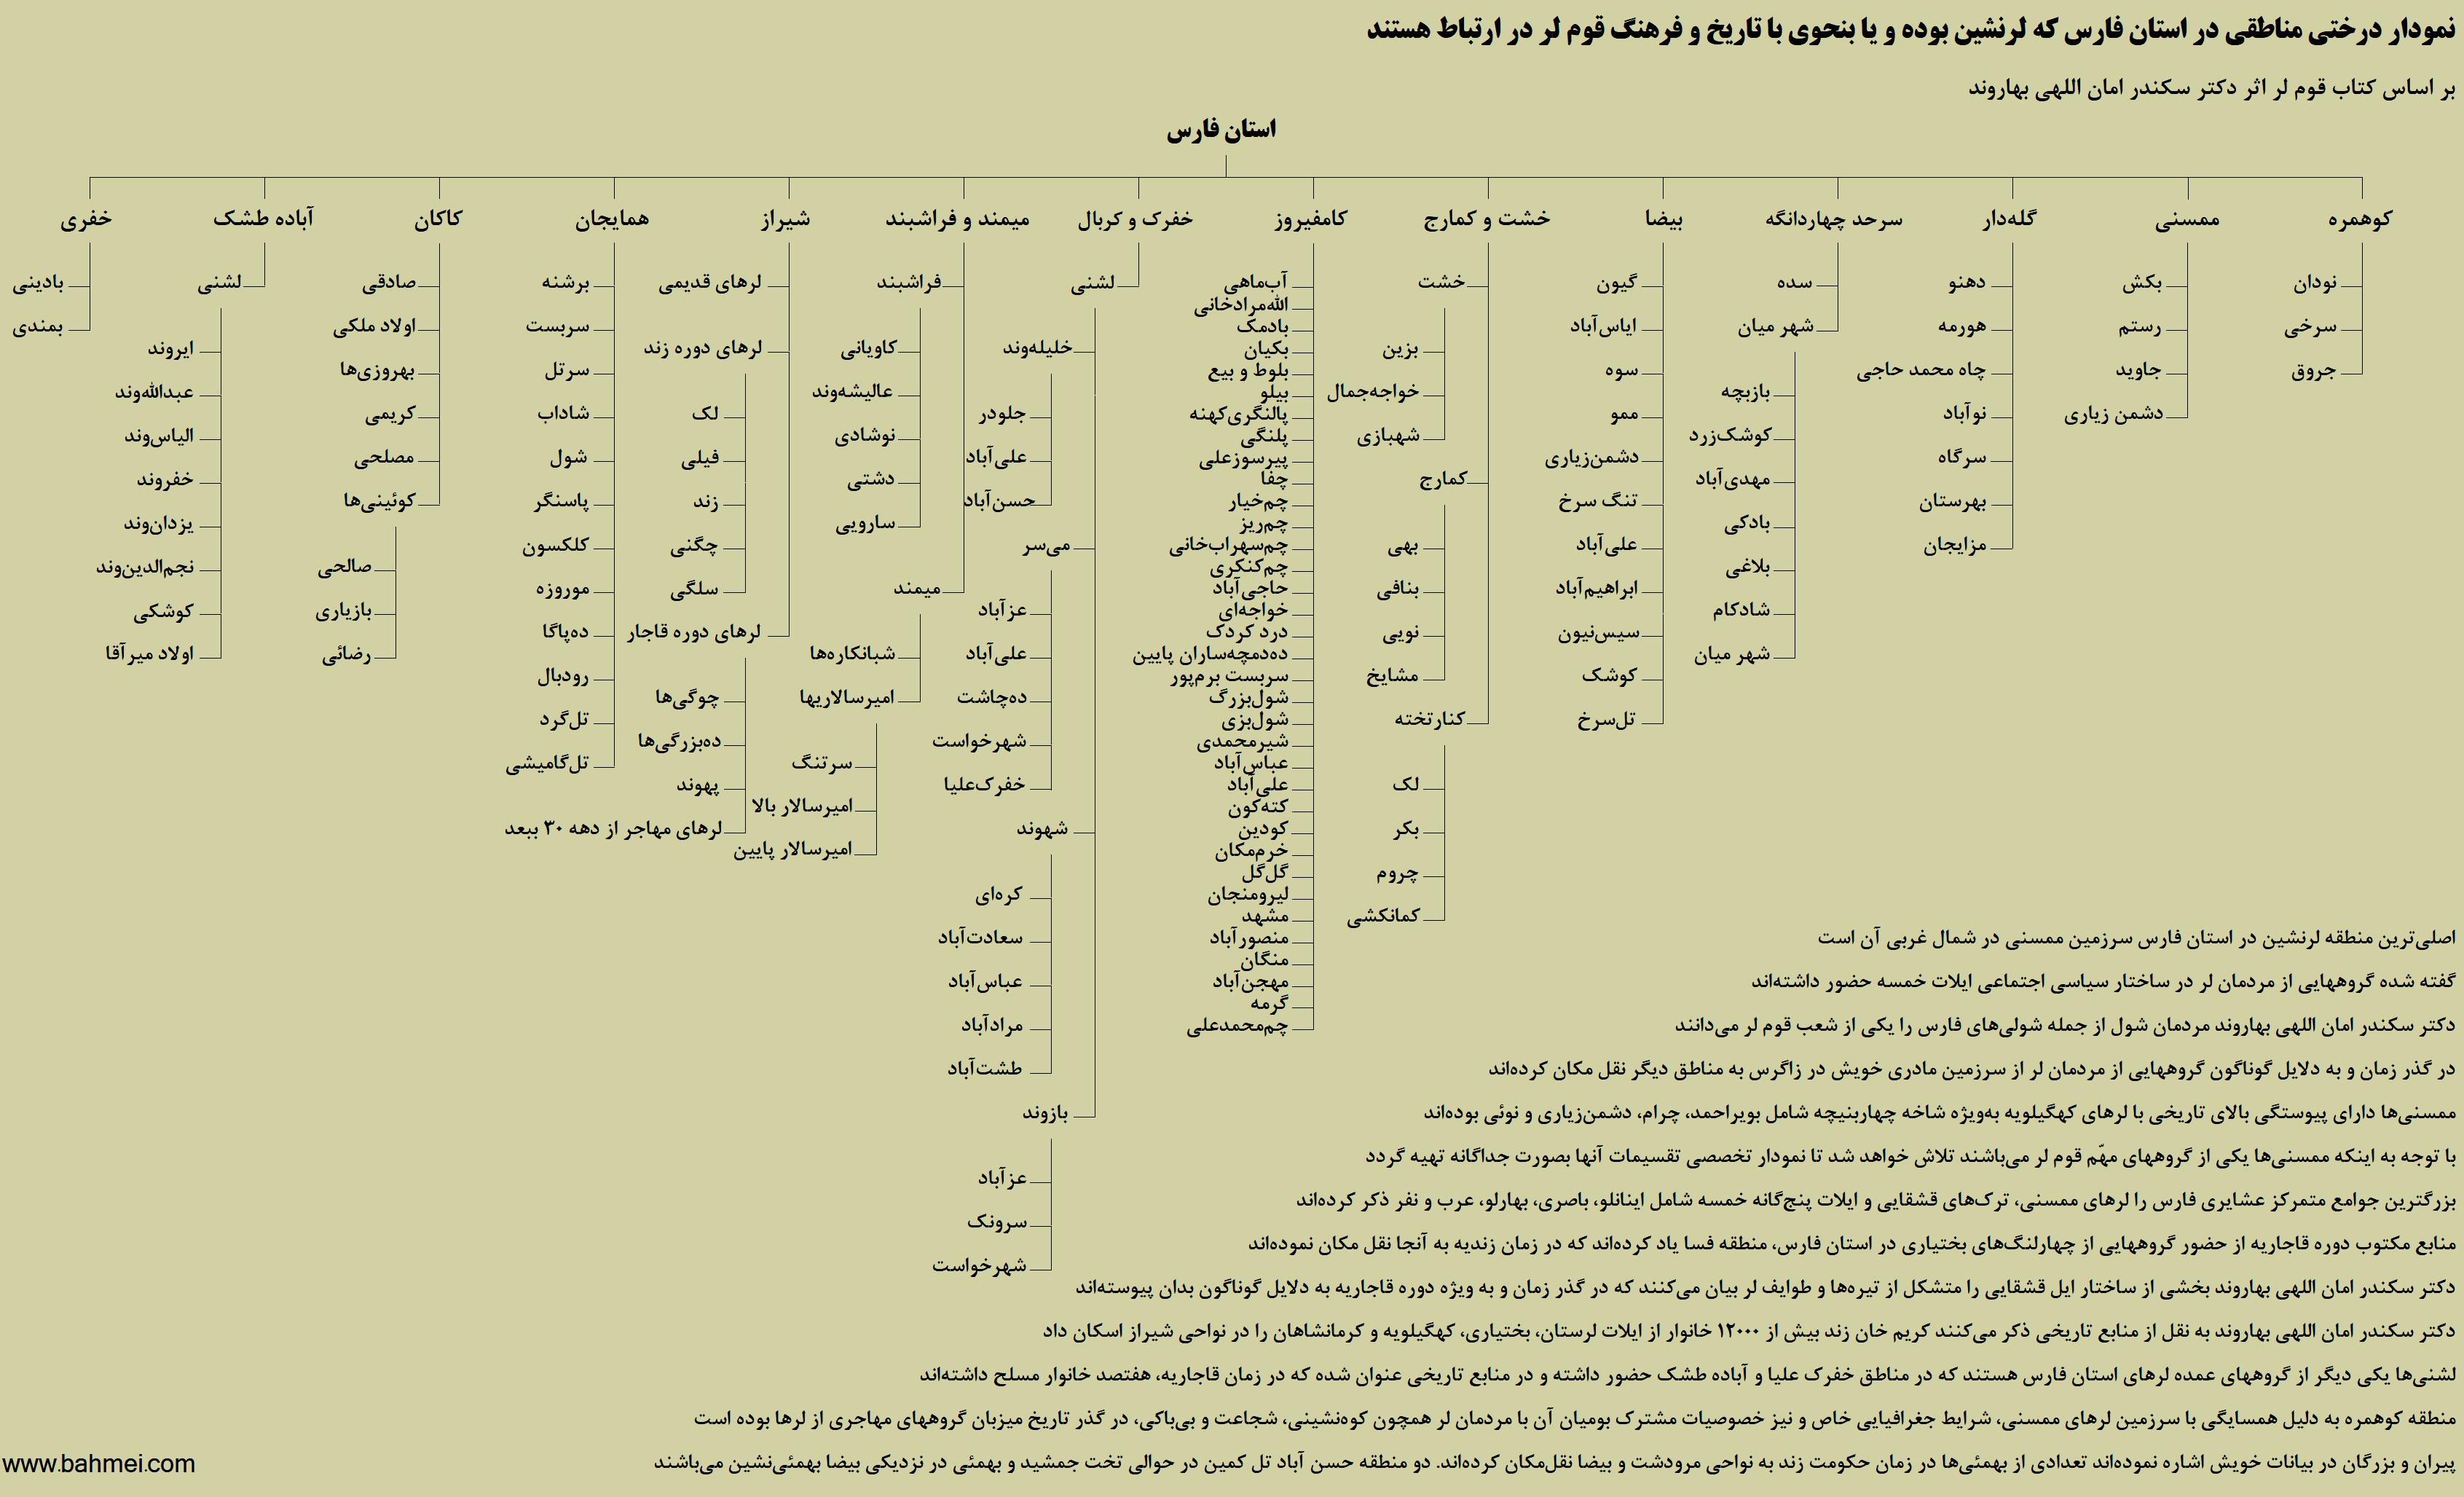 نمودار درختی قوم لر و استان فارس